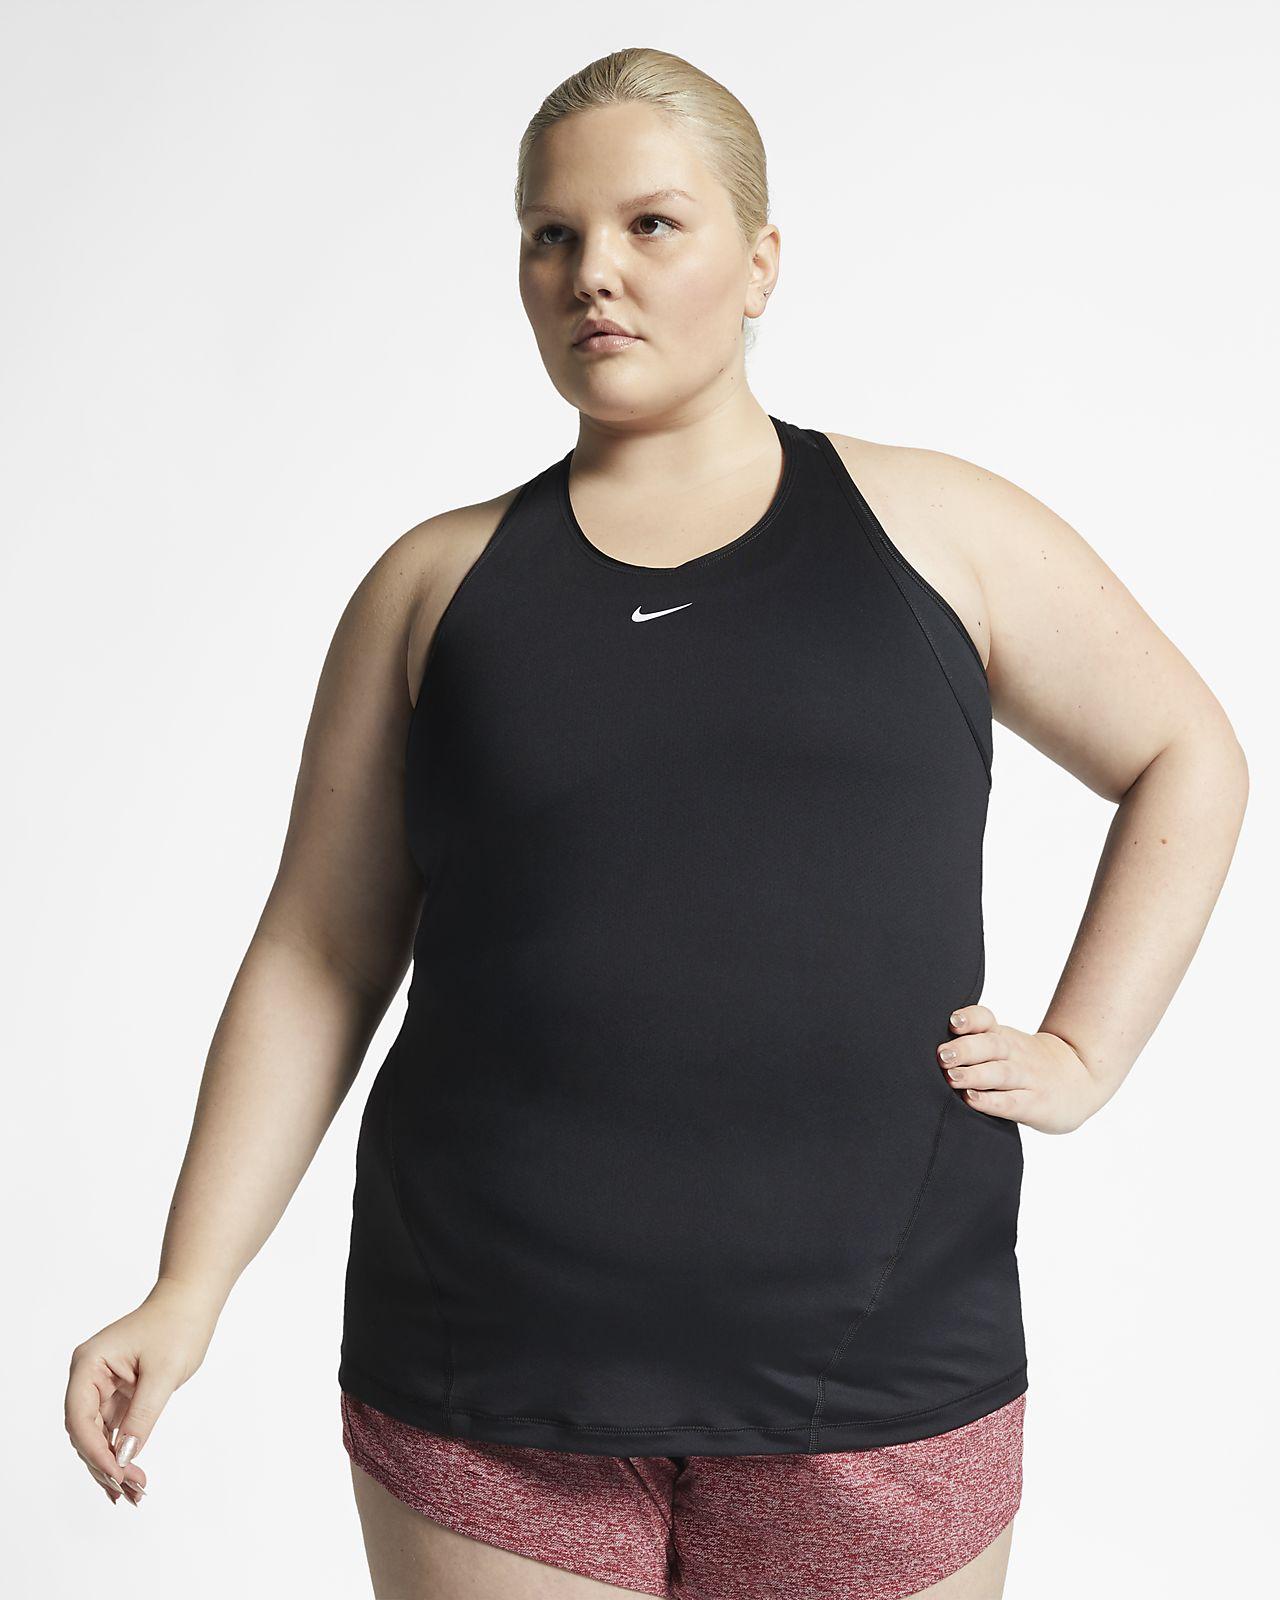 Nike Pro Tanktop mit durchgehendem Mesh für Damen (große Größe)